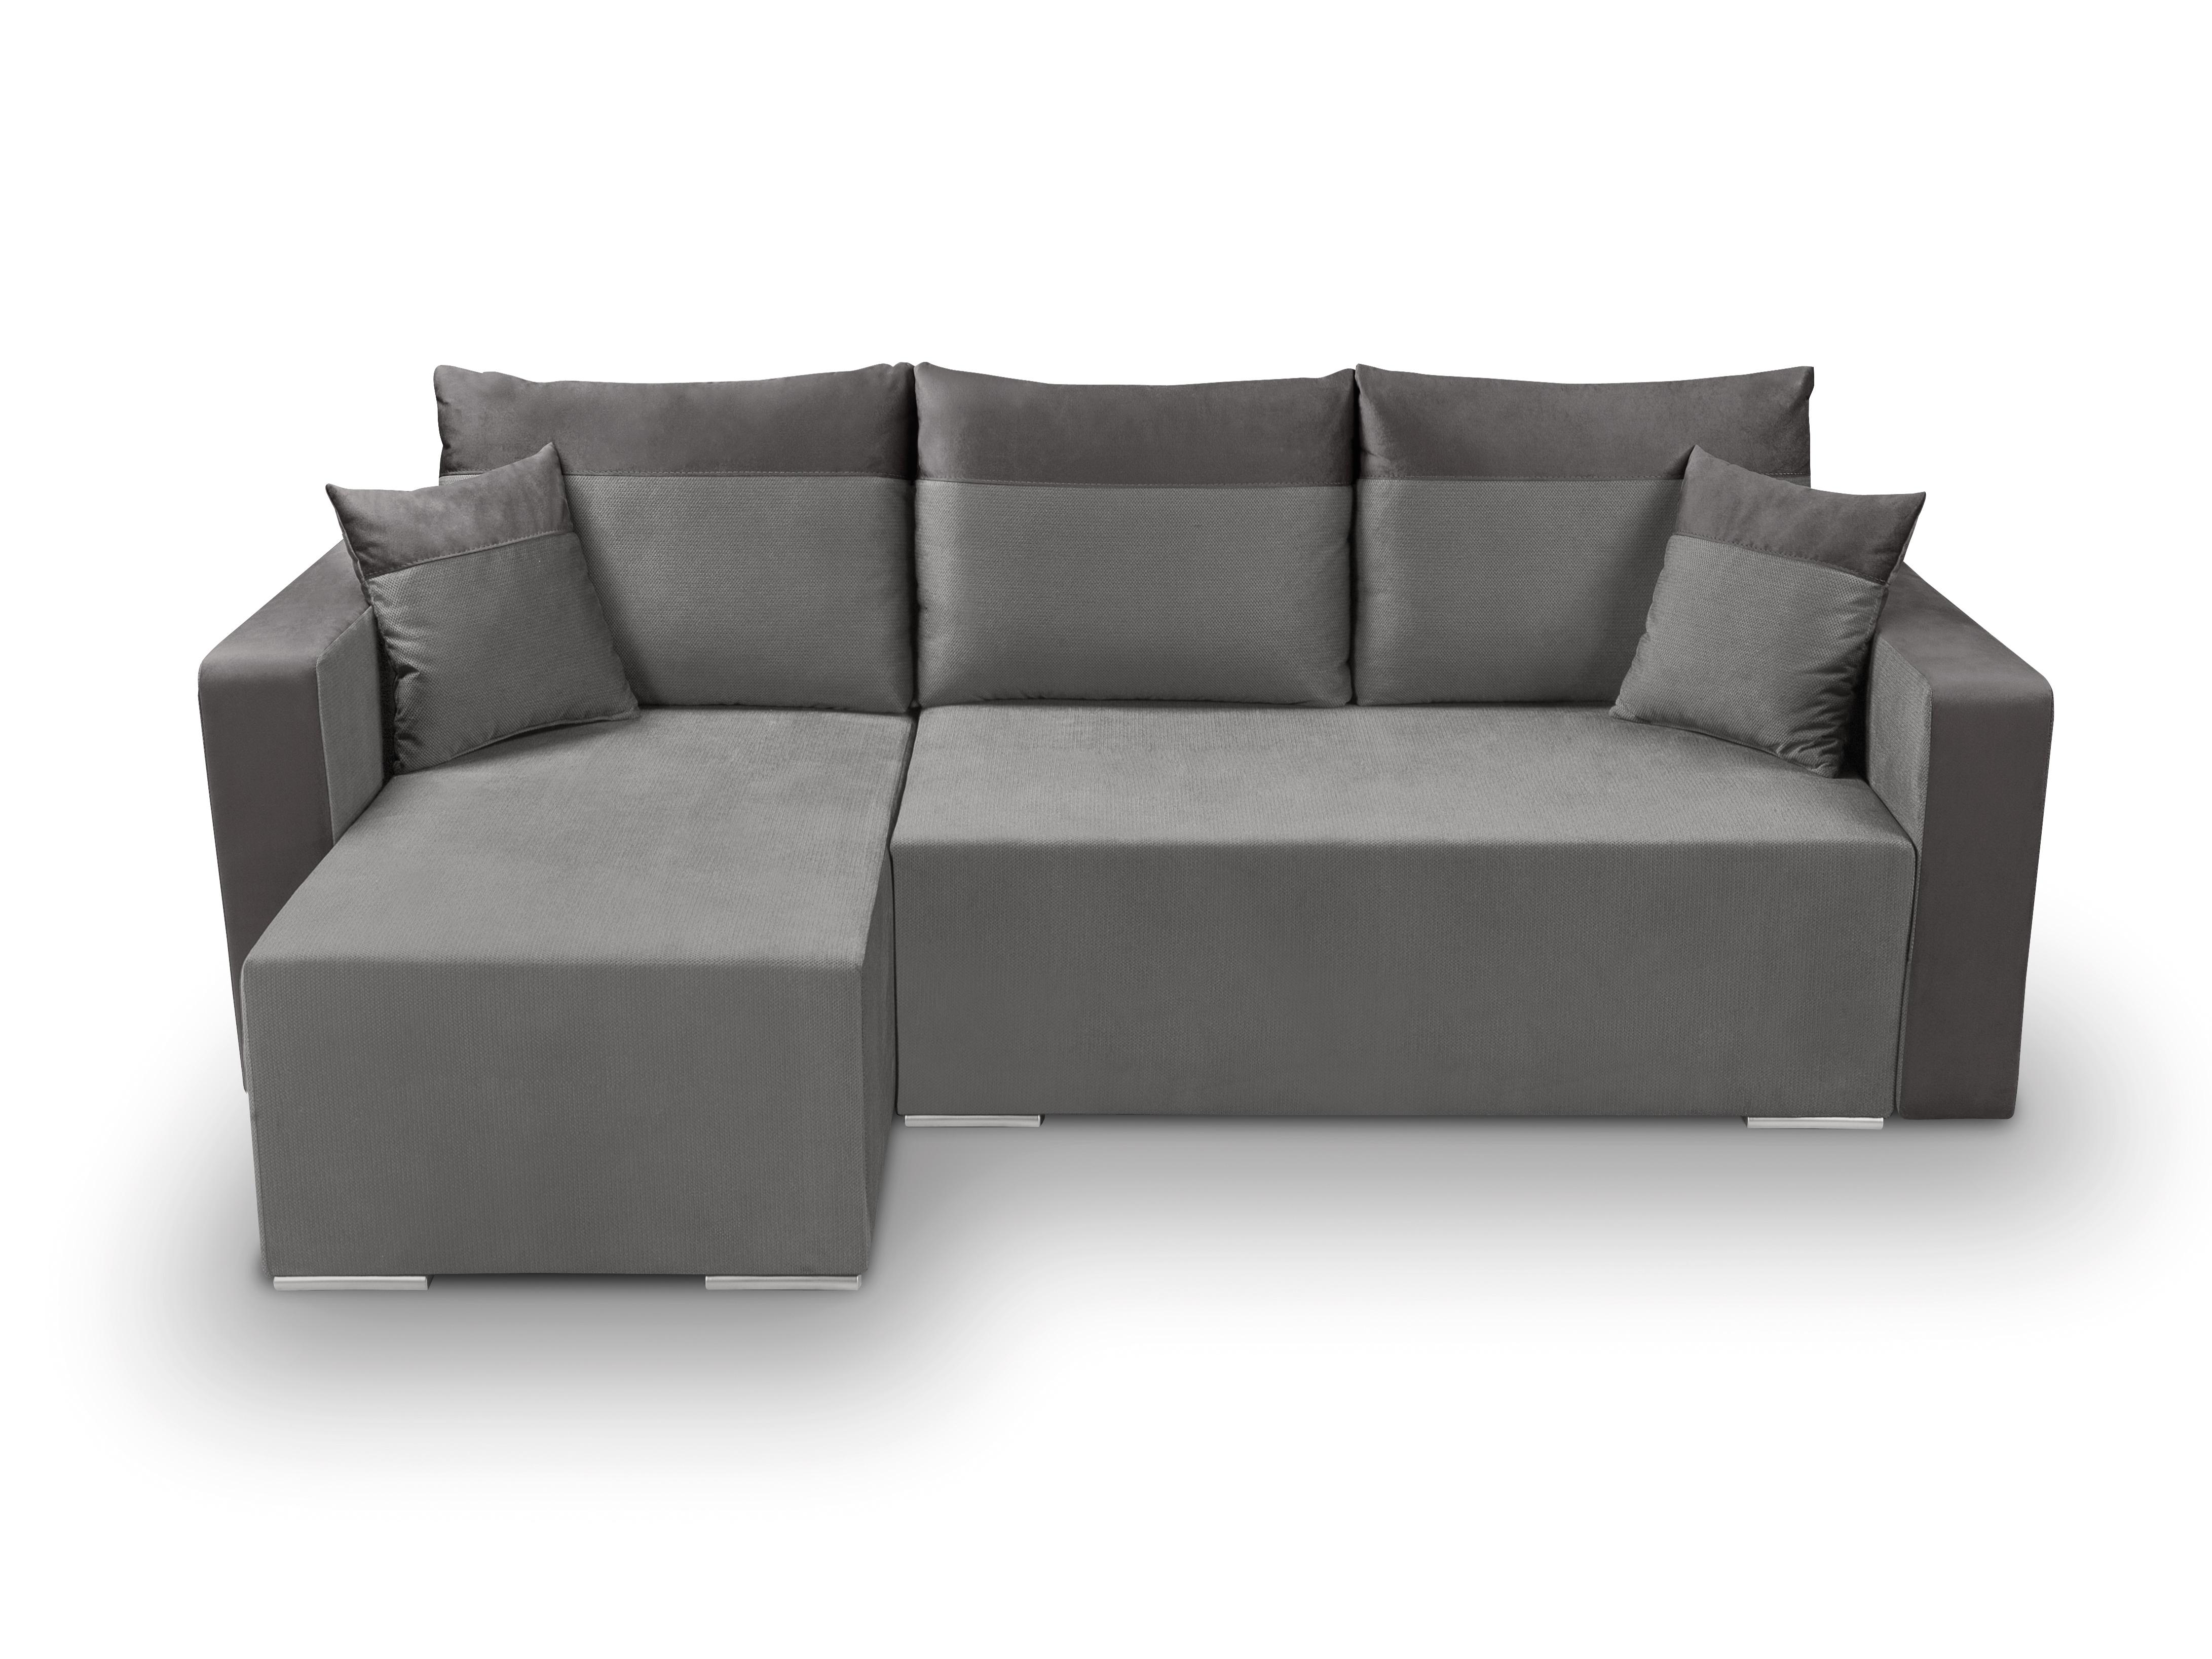 Rohová sedací souprava - BRW - Beti Lux 3DL.URC (šedá) (L)